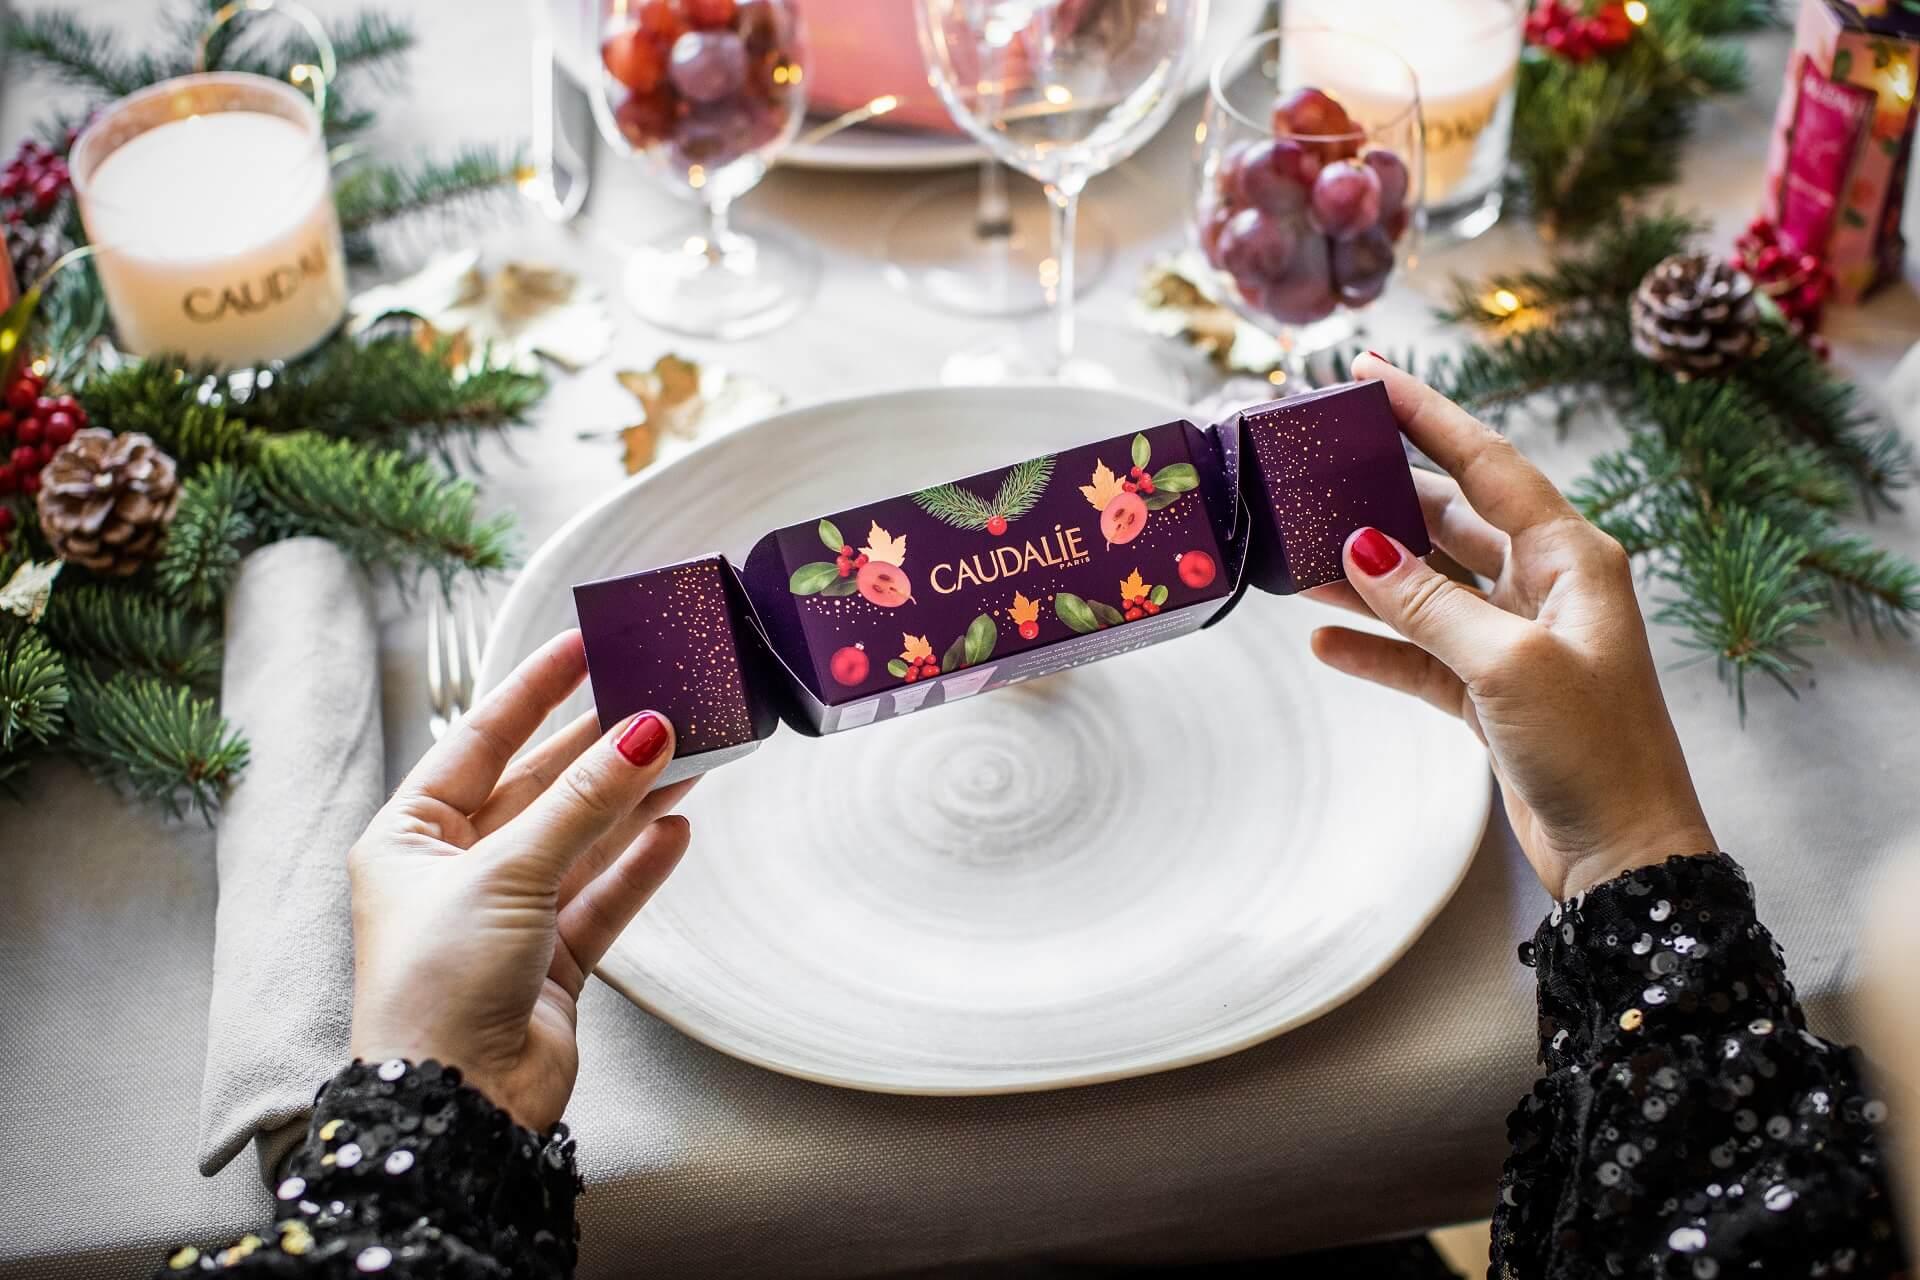 Осознанное Рождество: Тематическая коллекция праздничного настроения от брендаCaudalie-Фото 5